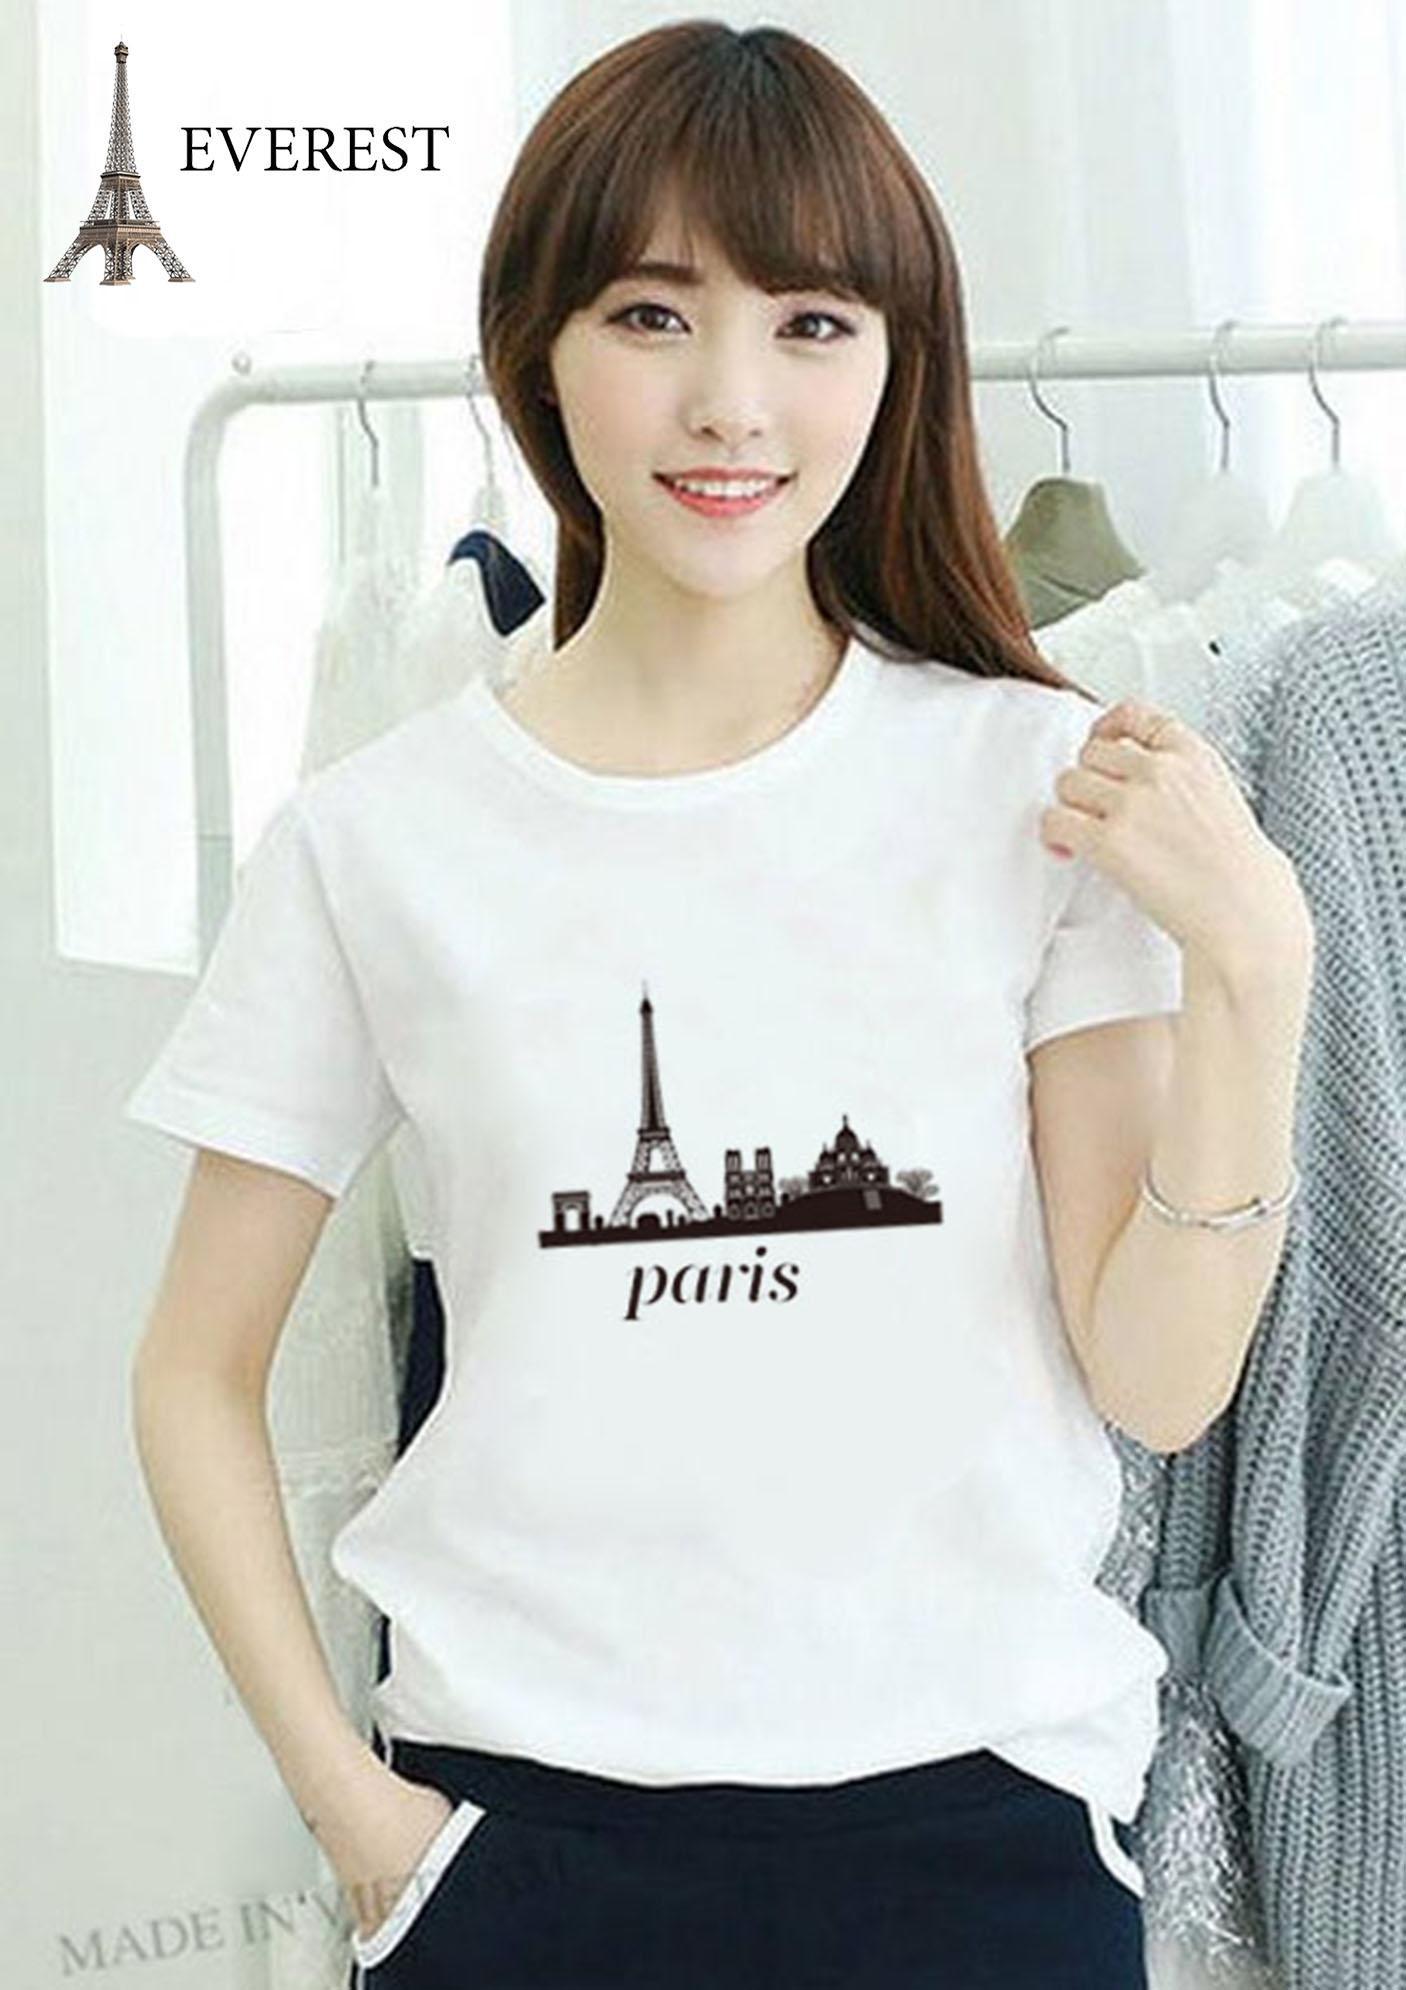 Áo thun nữ trắng in hình Paris form rộng hàn quốc vải dày mịn AoK556